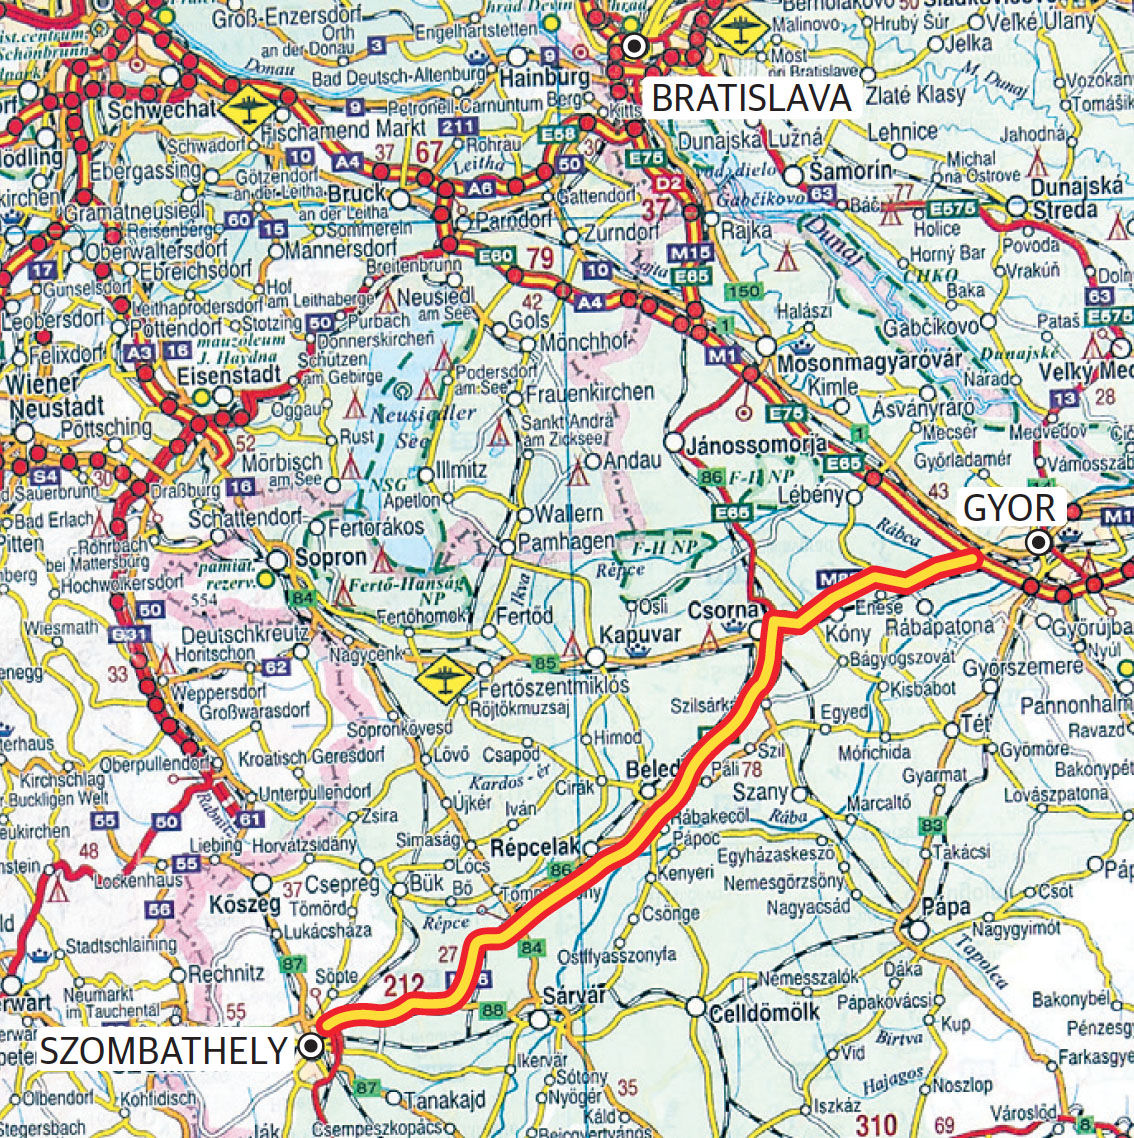 7733ab4f5865 Nová diaľnica v Maďarsku zlákala dovolenkárov - Ekonomika - Správy ...